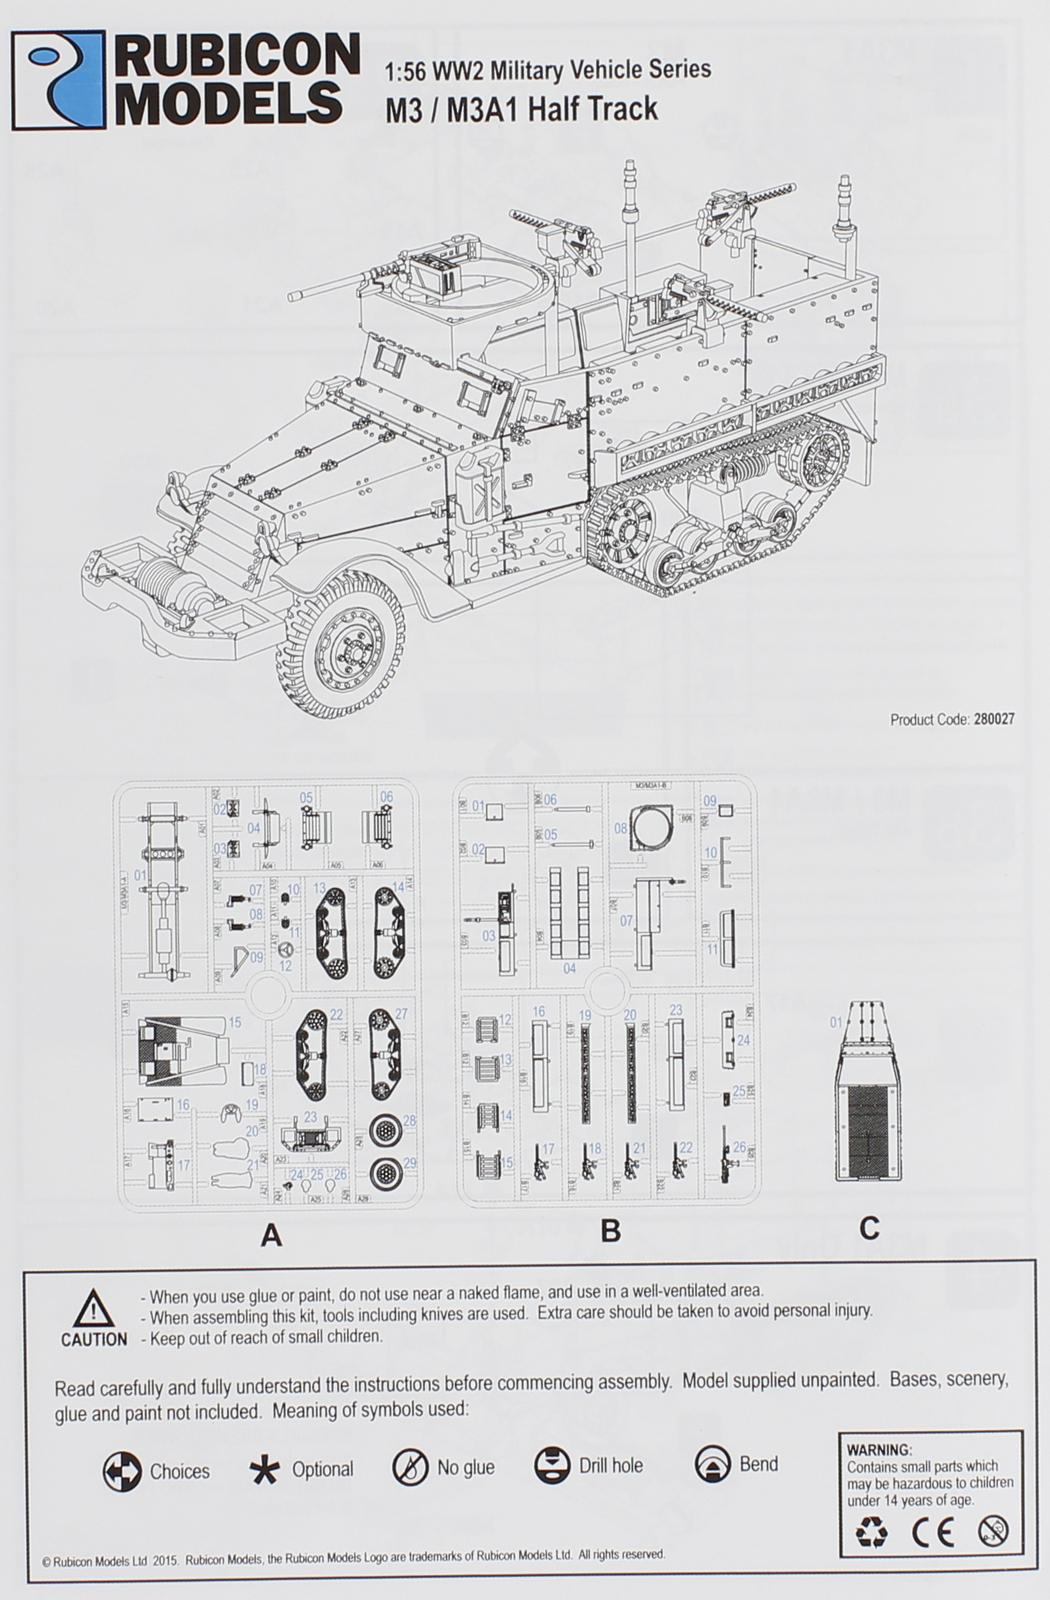 Rubicon 1/56 M3 / M3A1 Half Track image